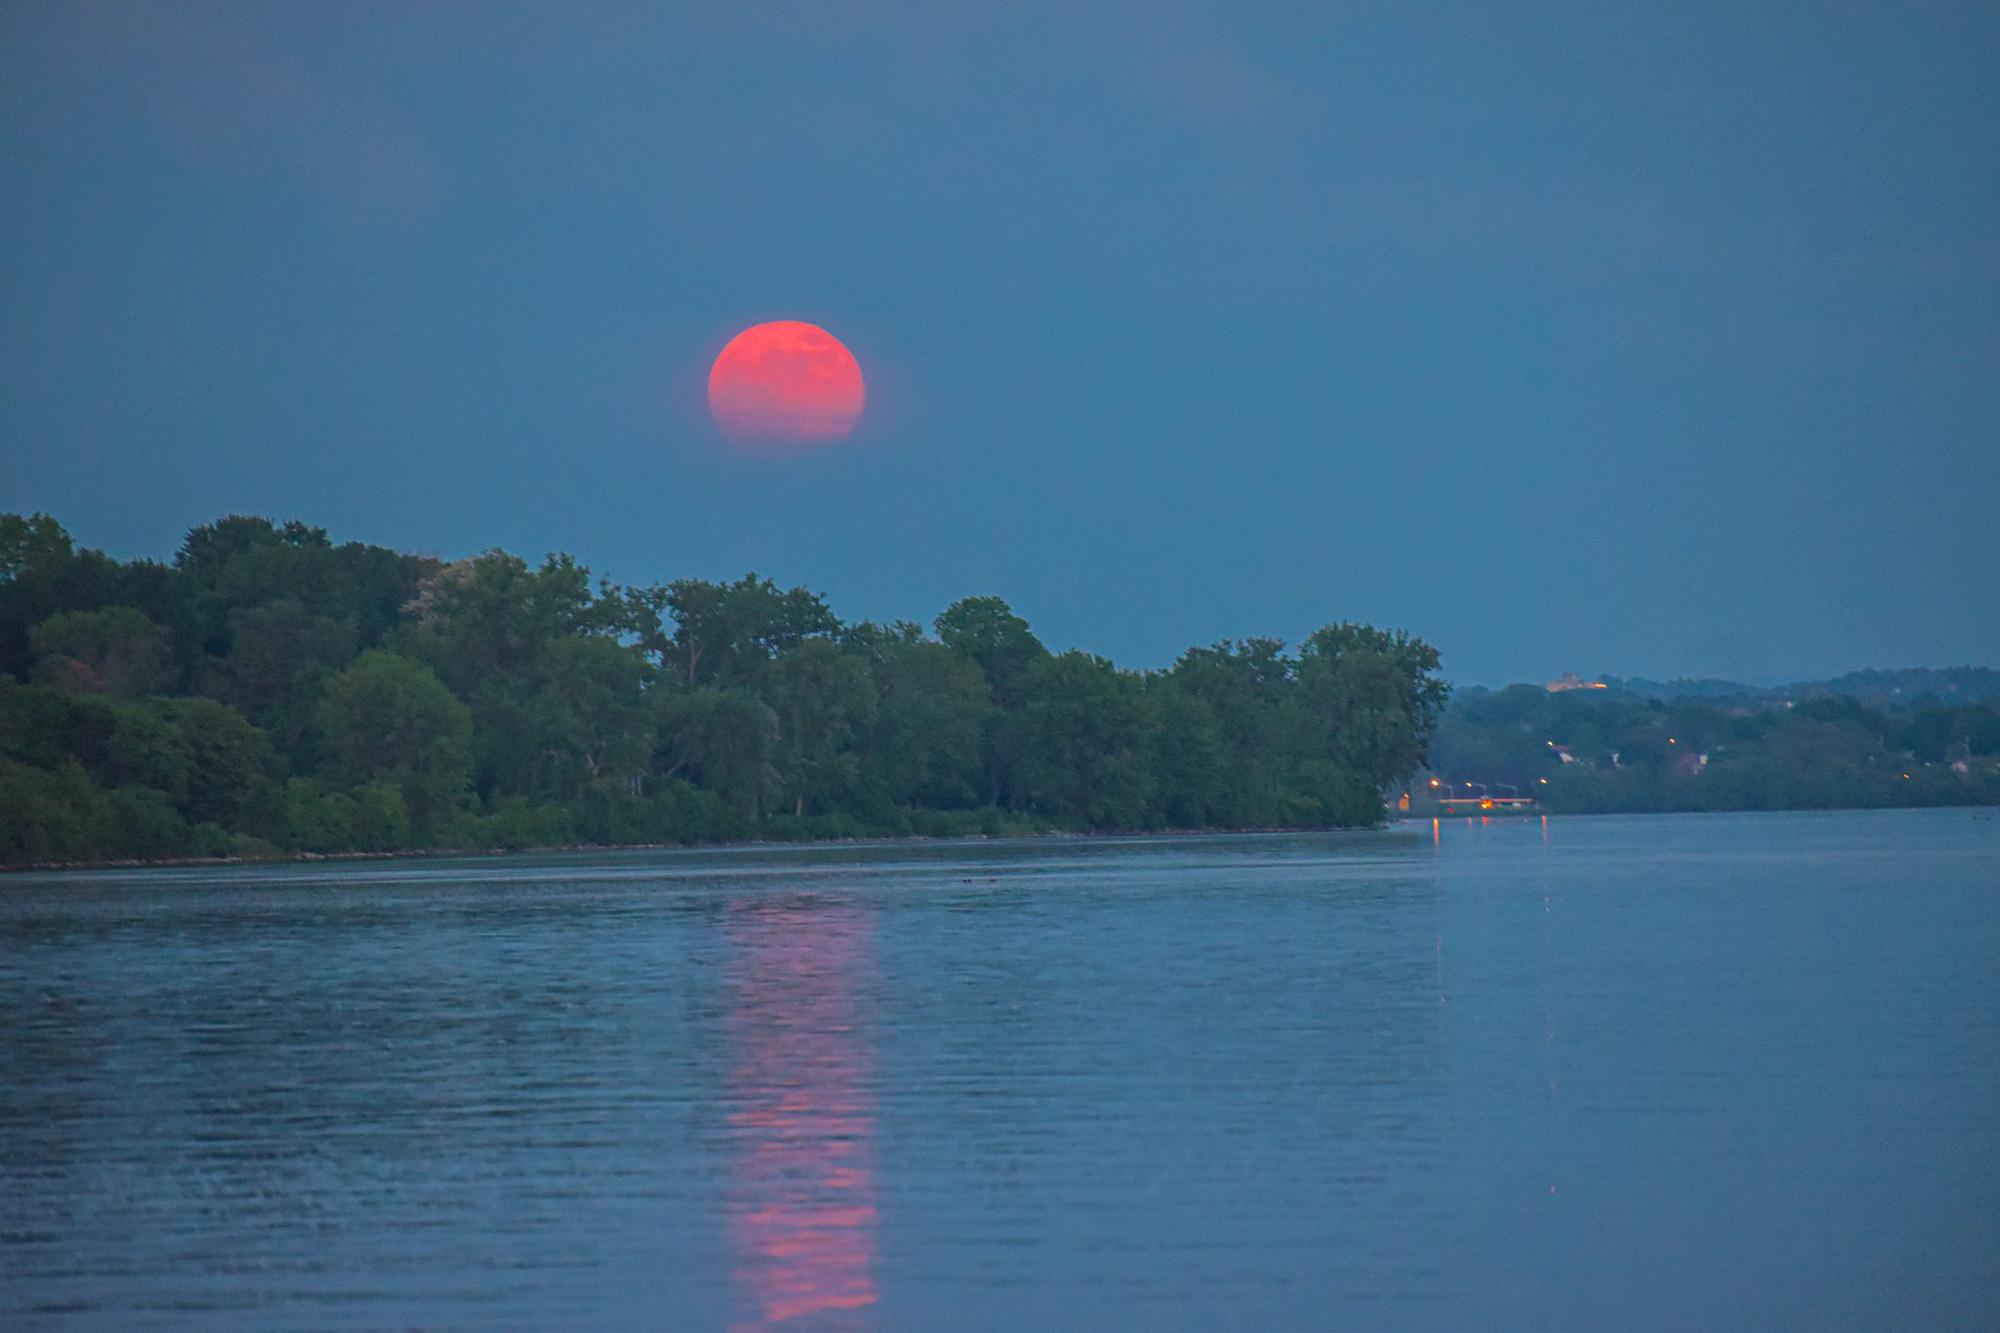 Ngất ngây với một loạt khoảnh khắc về hiện tượng mặt trăng dâu tây hiếm có diễn ra vào đêm qua, rạng sáng nay - Ảnh 11.